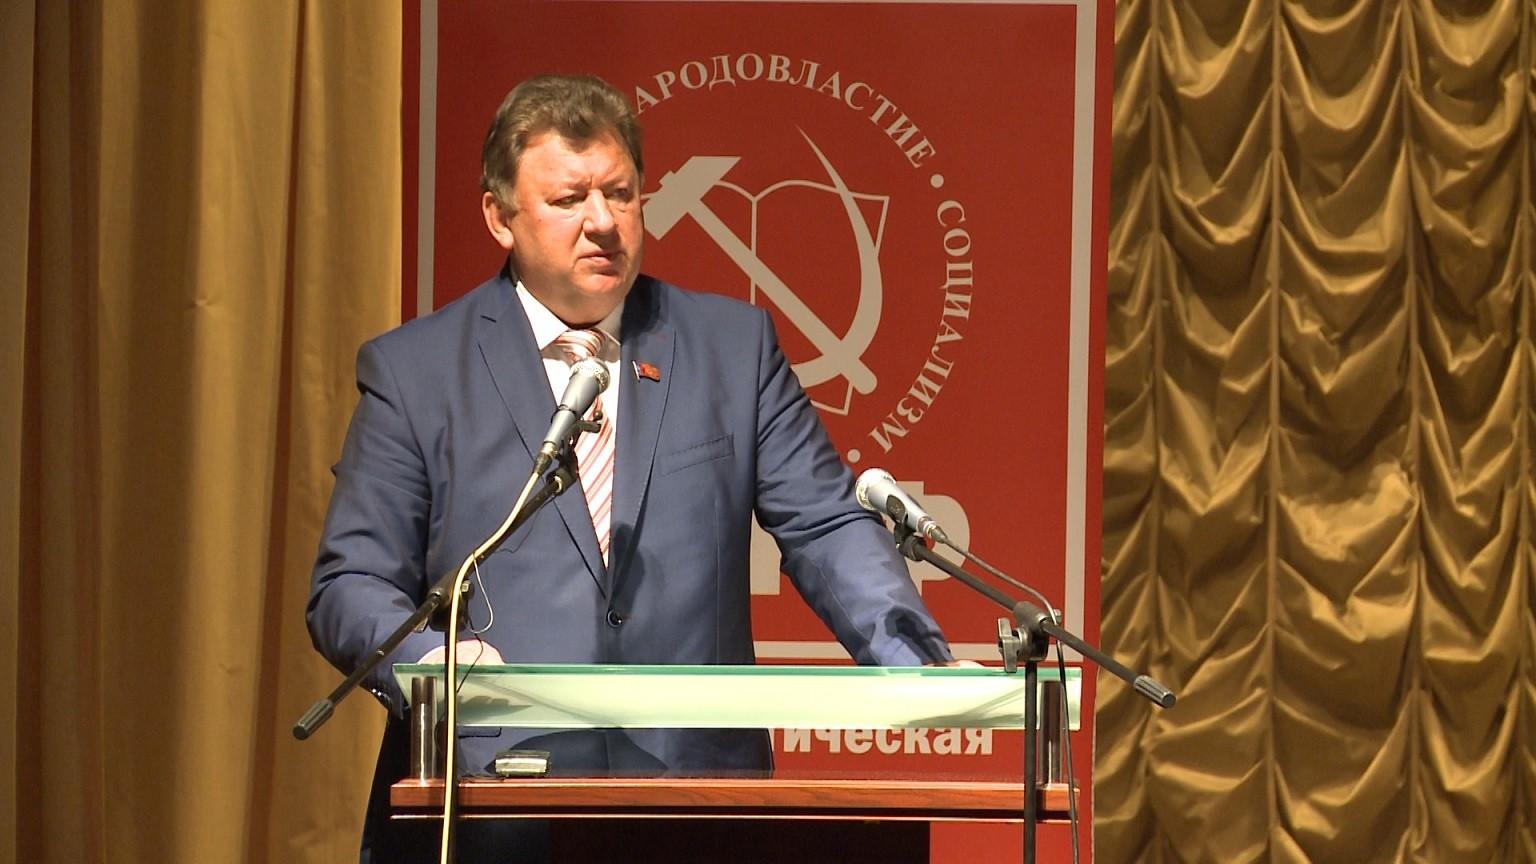 Прошлый депутат Государственной думы отКПРФ сдал прокуратуре Украины экс-президена Януковича